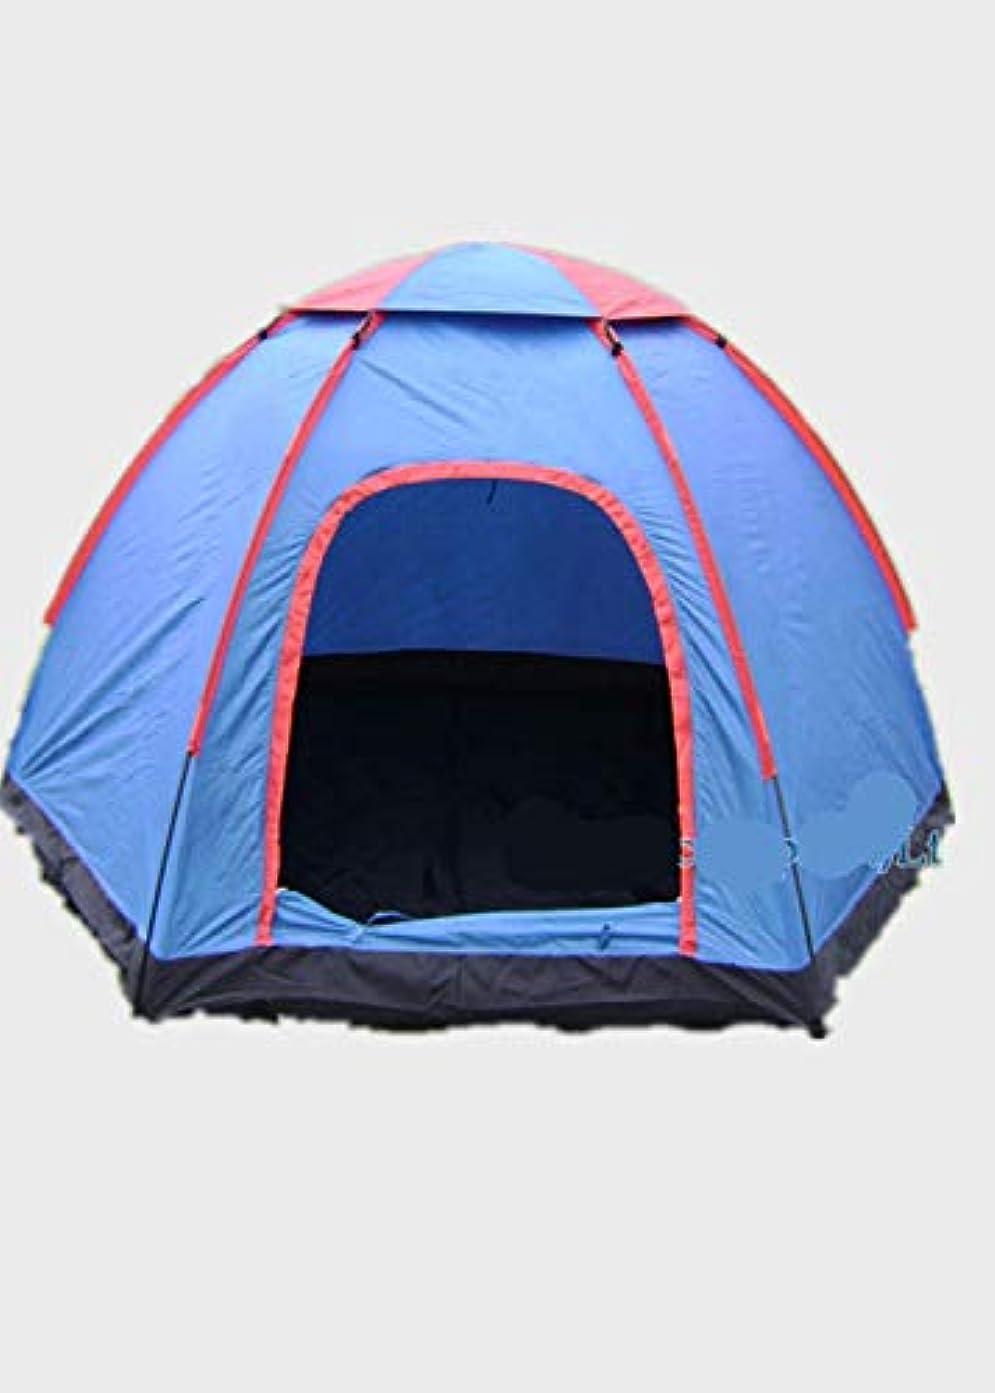 悪意のある姿を消すアルコーブ自動六角形の大きいテントキャンプのキャンプテント屋外の防水テント